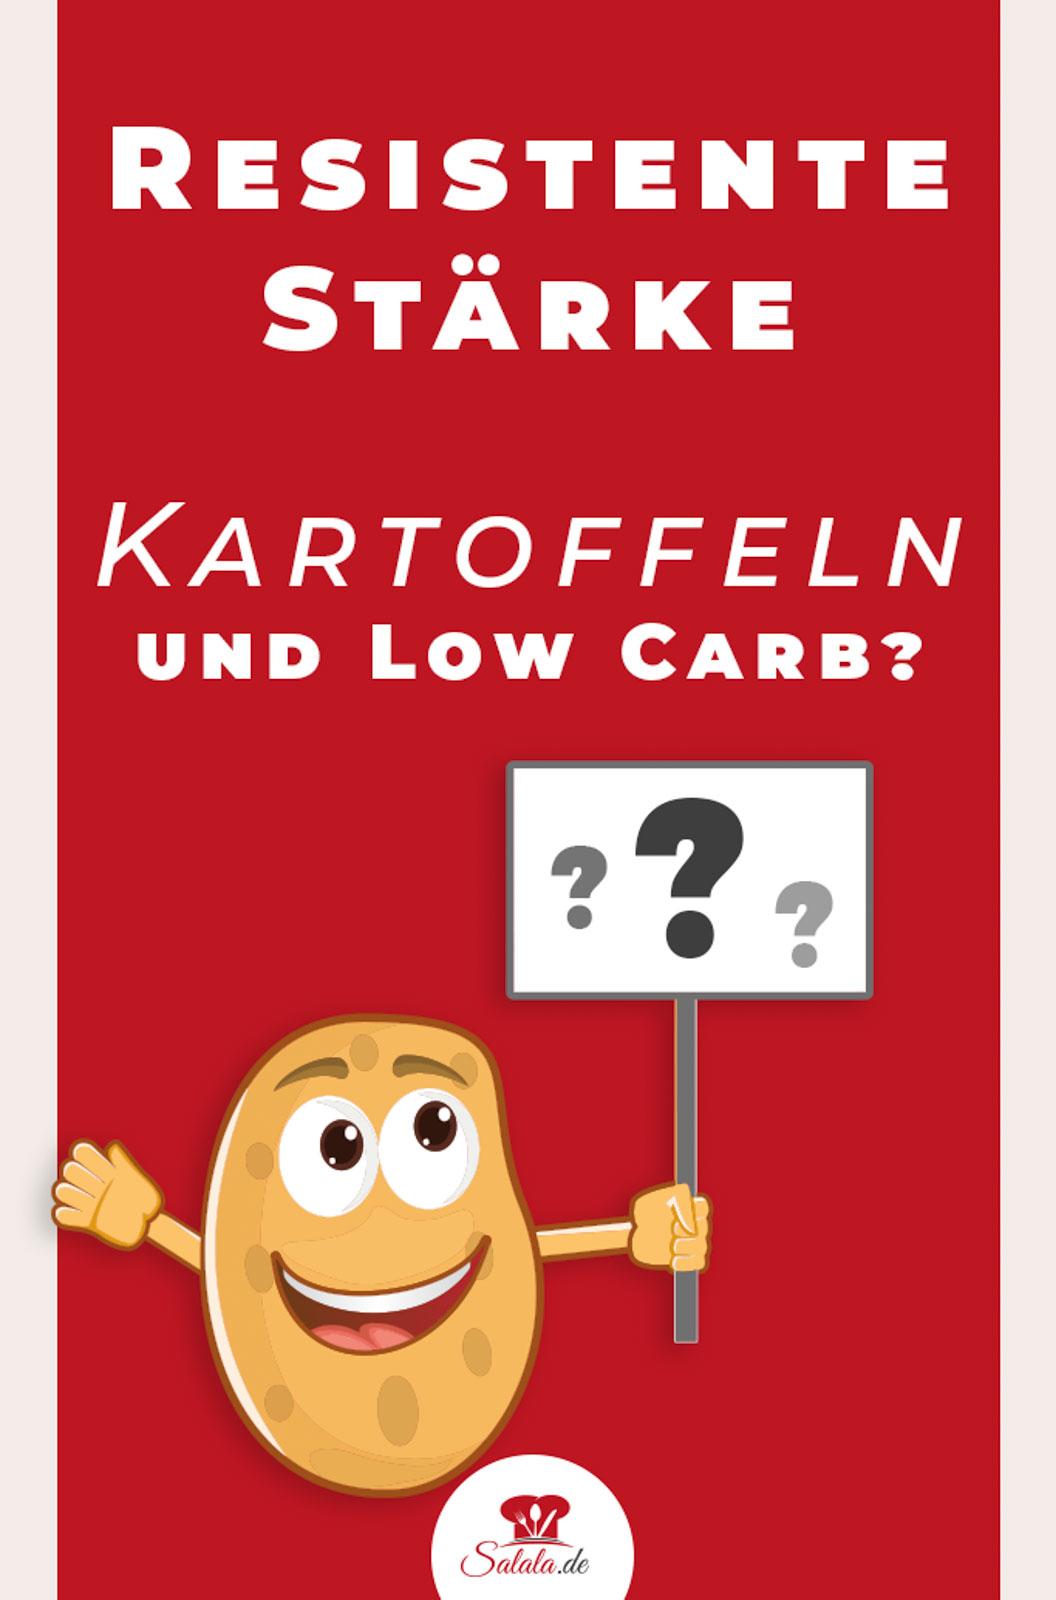 Resistente Stärke. Ist das wirklich ein Kohlenhydrat dass man nicht anrechnen muss? Kann ich bei Low Carb jetzt doch Kartoffeln und Reis essen? Wir haben uns das Thema resistente Stärke mal genauer angeschaut und den aktuellen wissenschaftlichen Stand dazu beleuchtet.